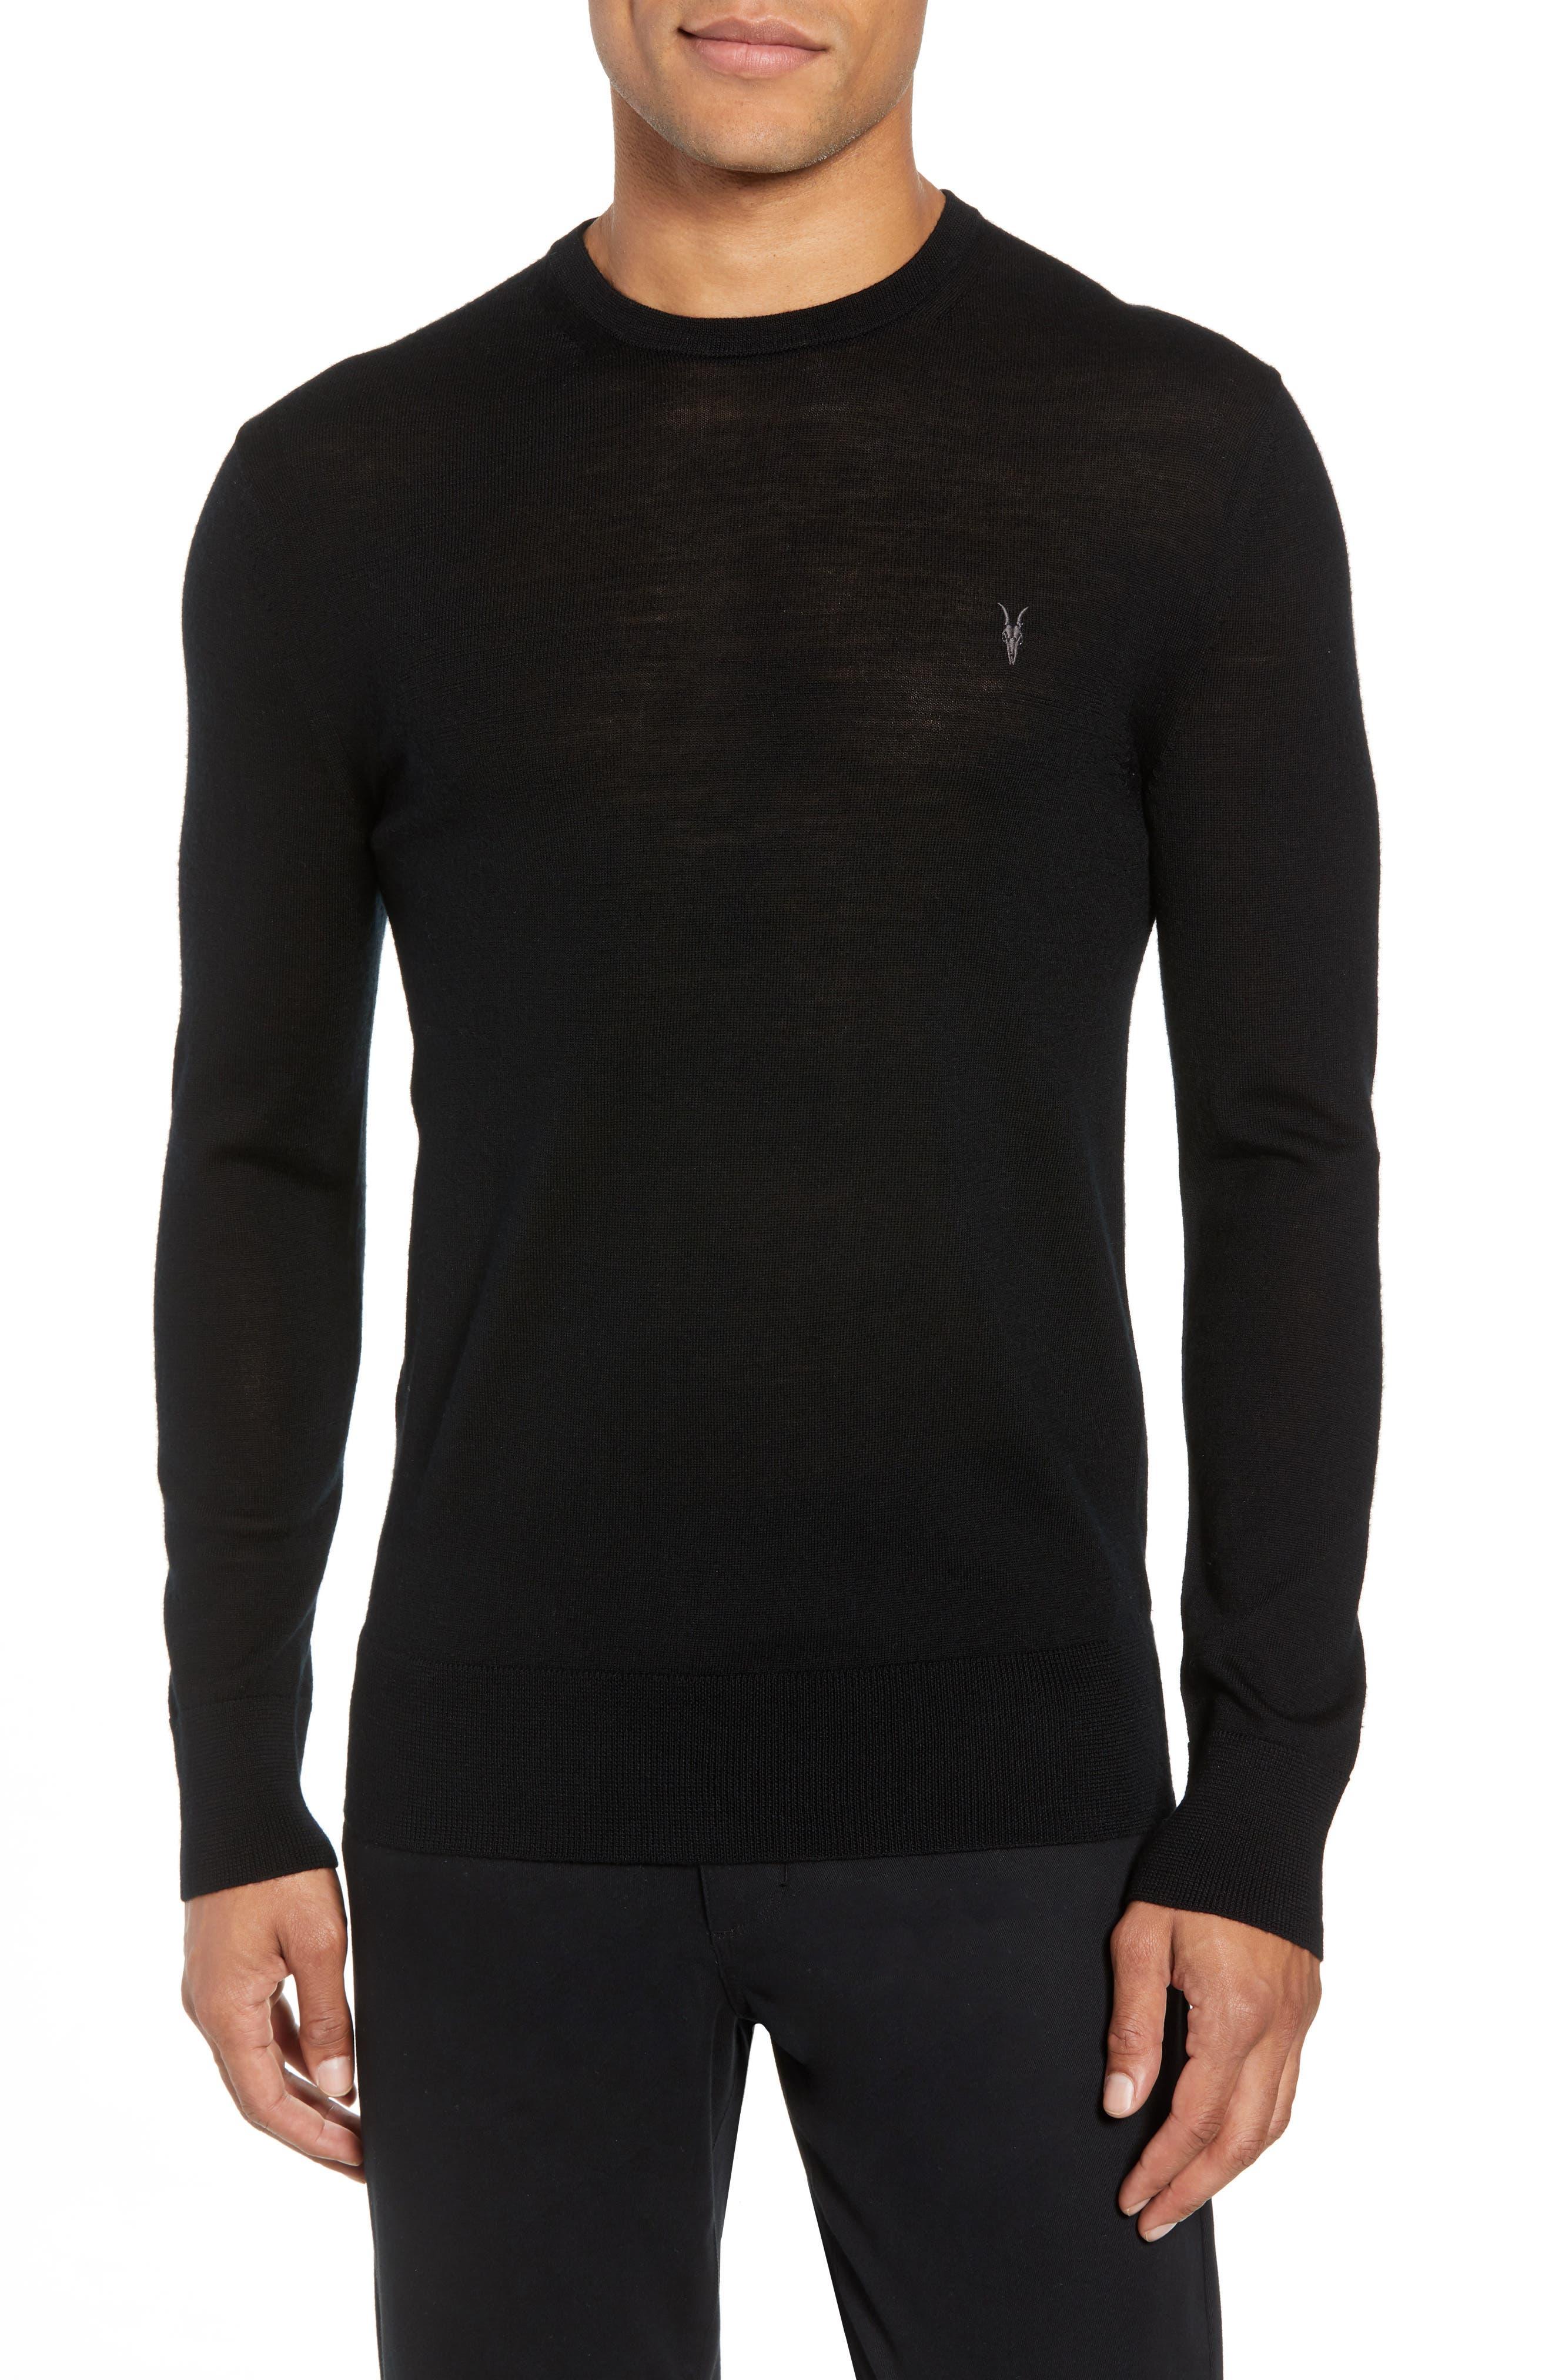 Mode Slim Fit Merino Wool Sweater,                             Main thumbnail 1, color,                             Black